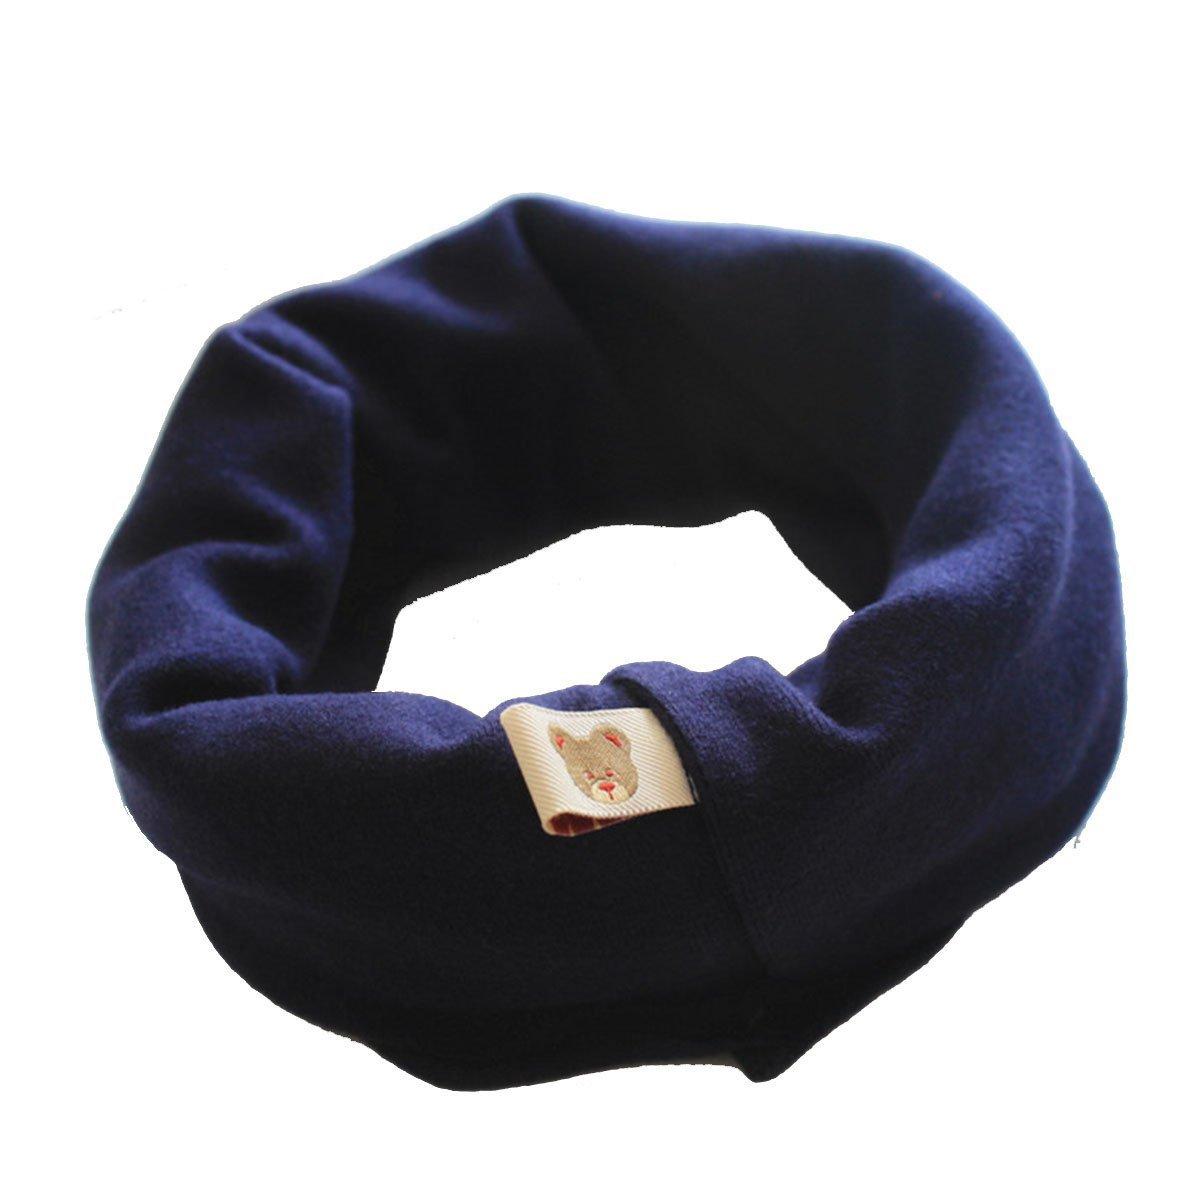 Tukistore Sciarpe Loop Autunno Inverno Neonate Gufi Colletto Sciarpa di cotone O-ring Sciarpe XD0003022SE